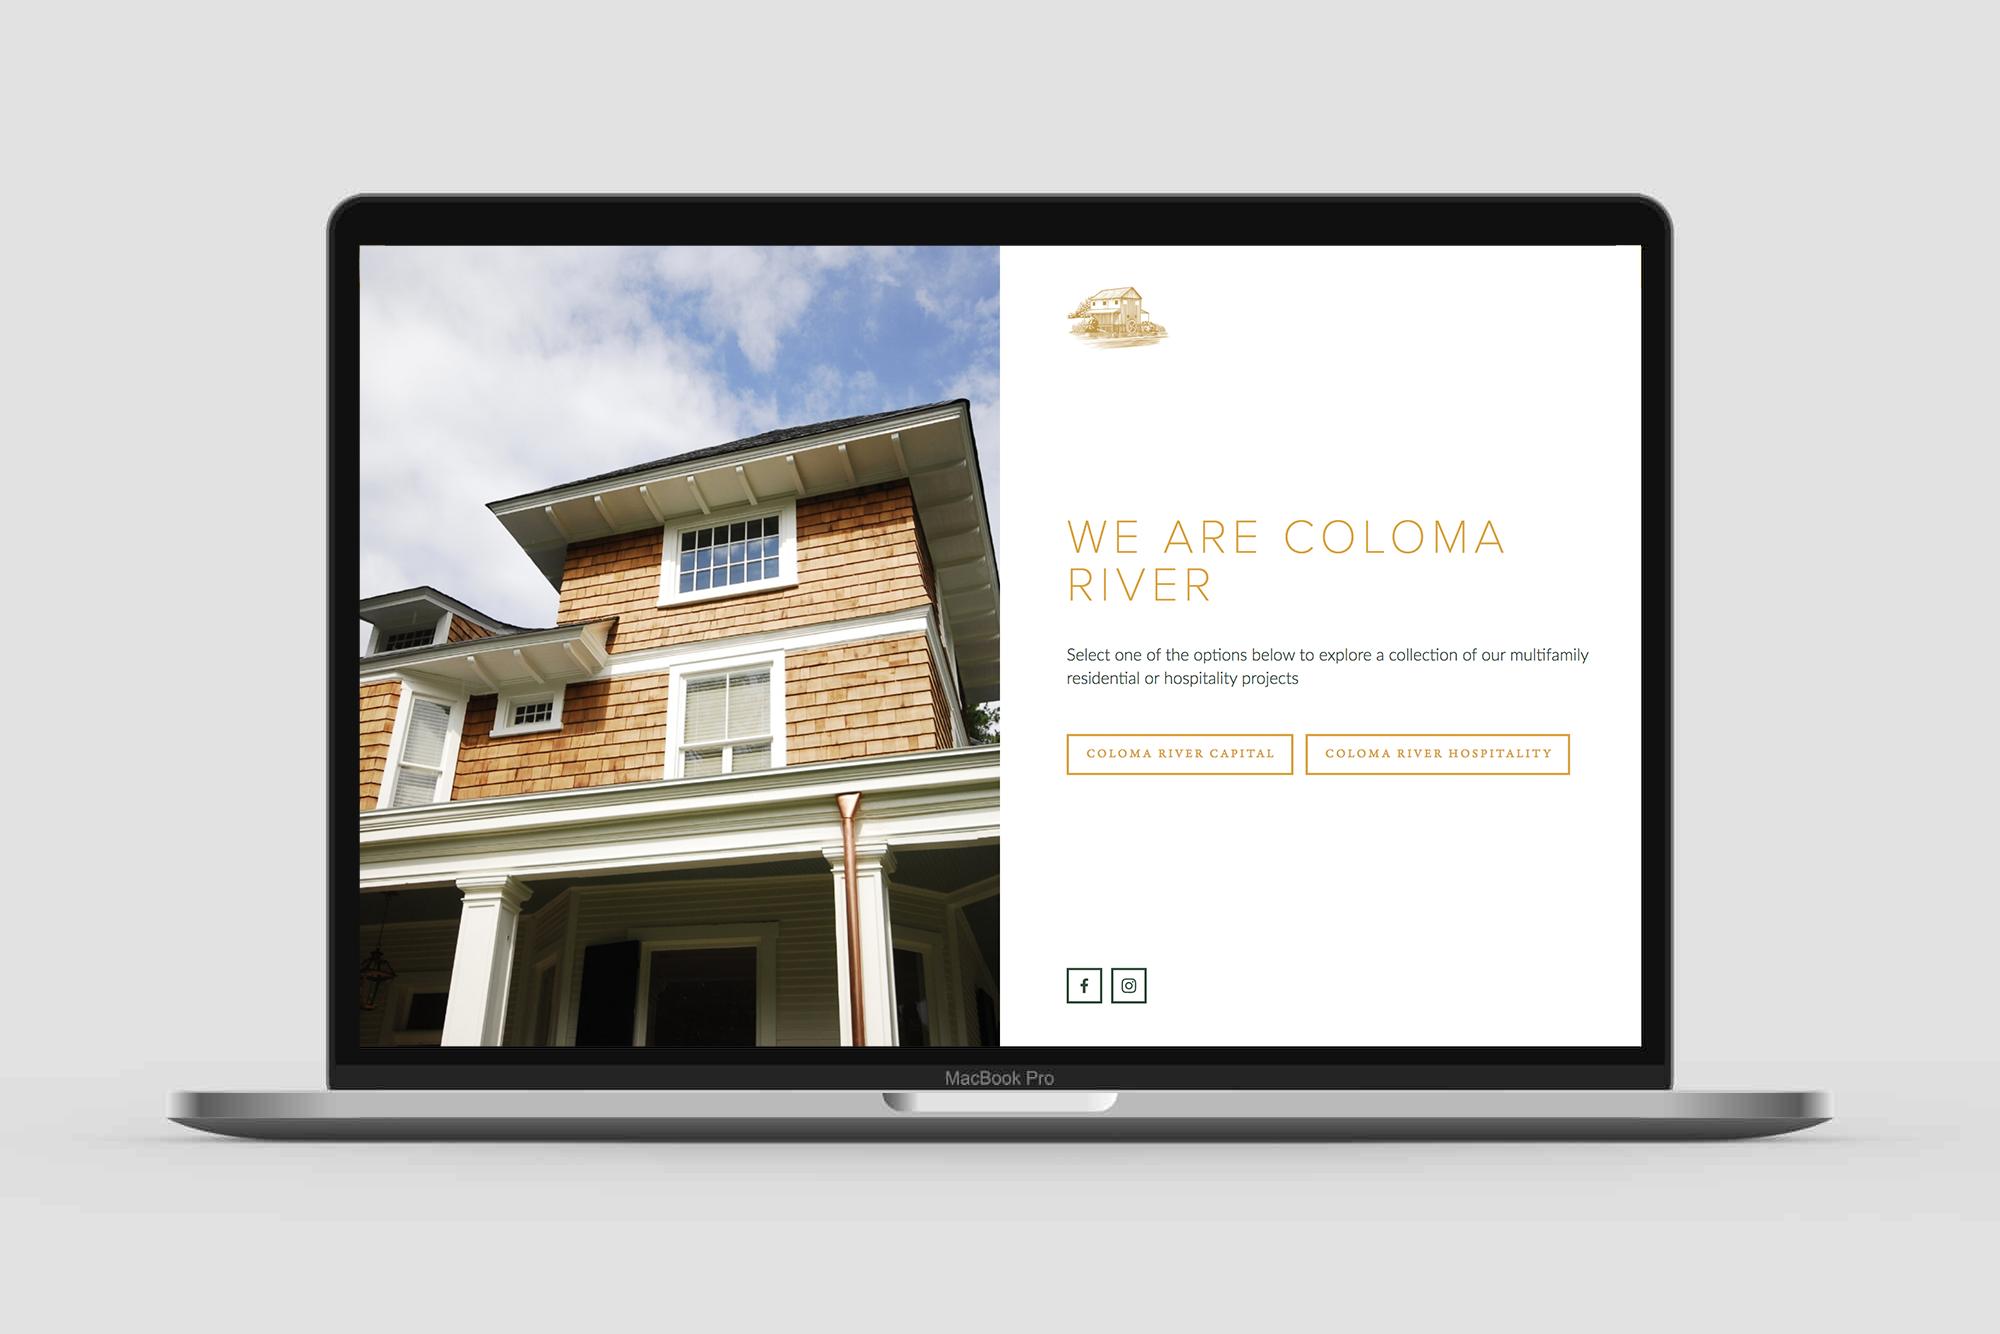 colomariver_website_1.png